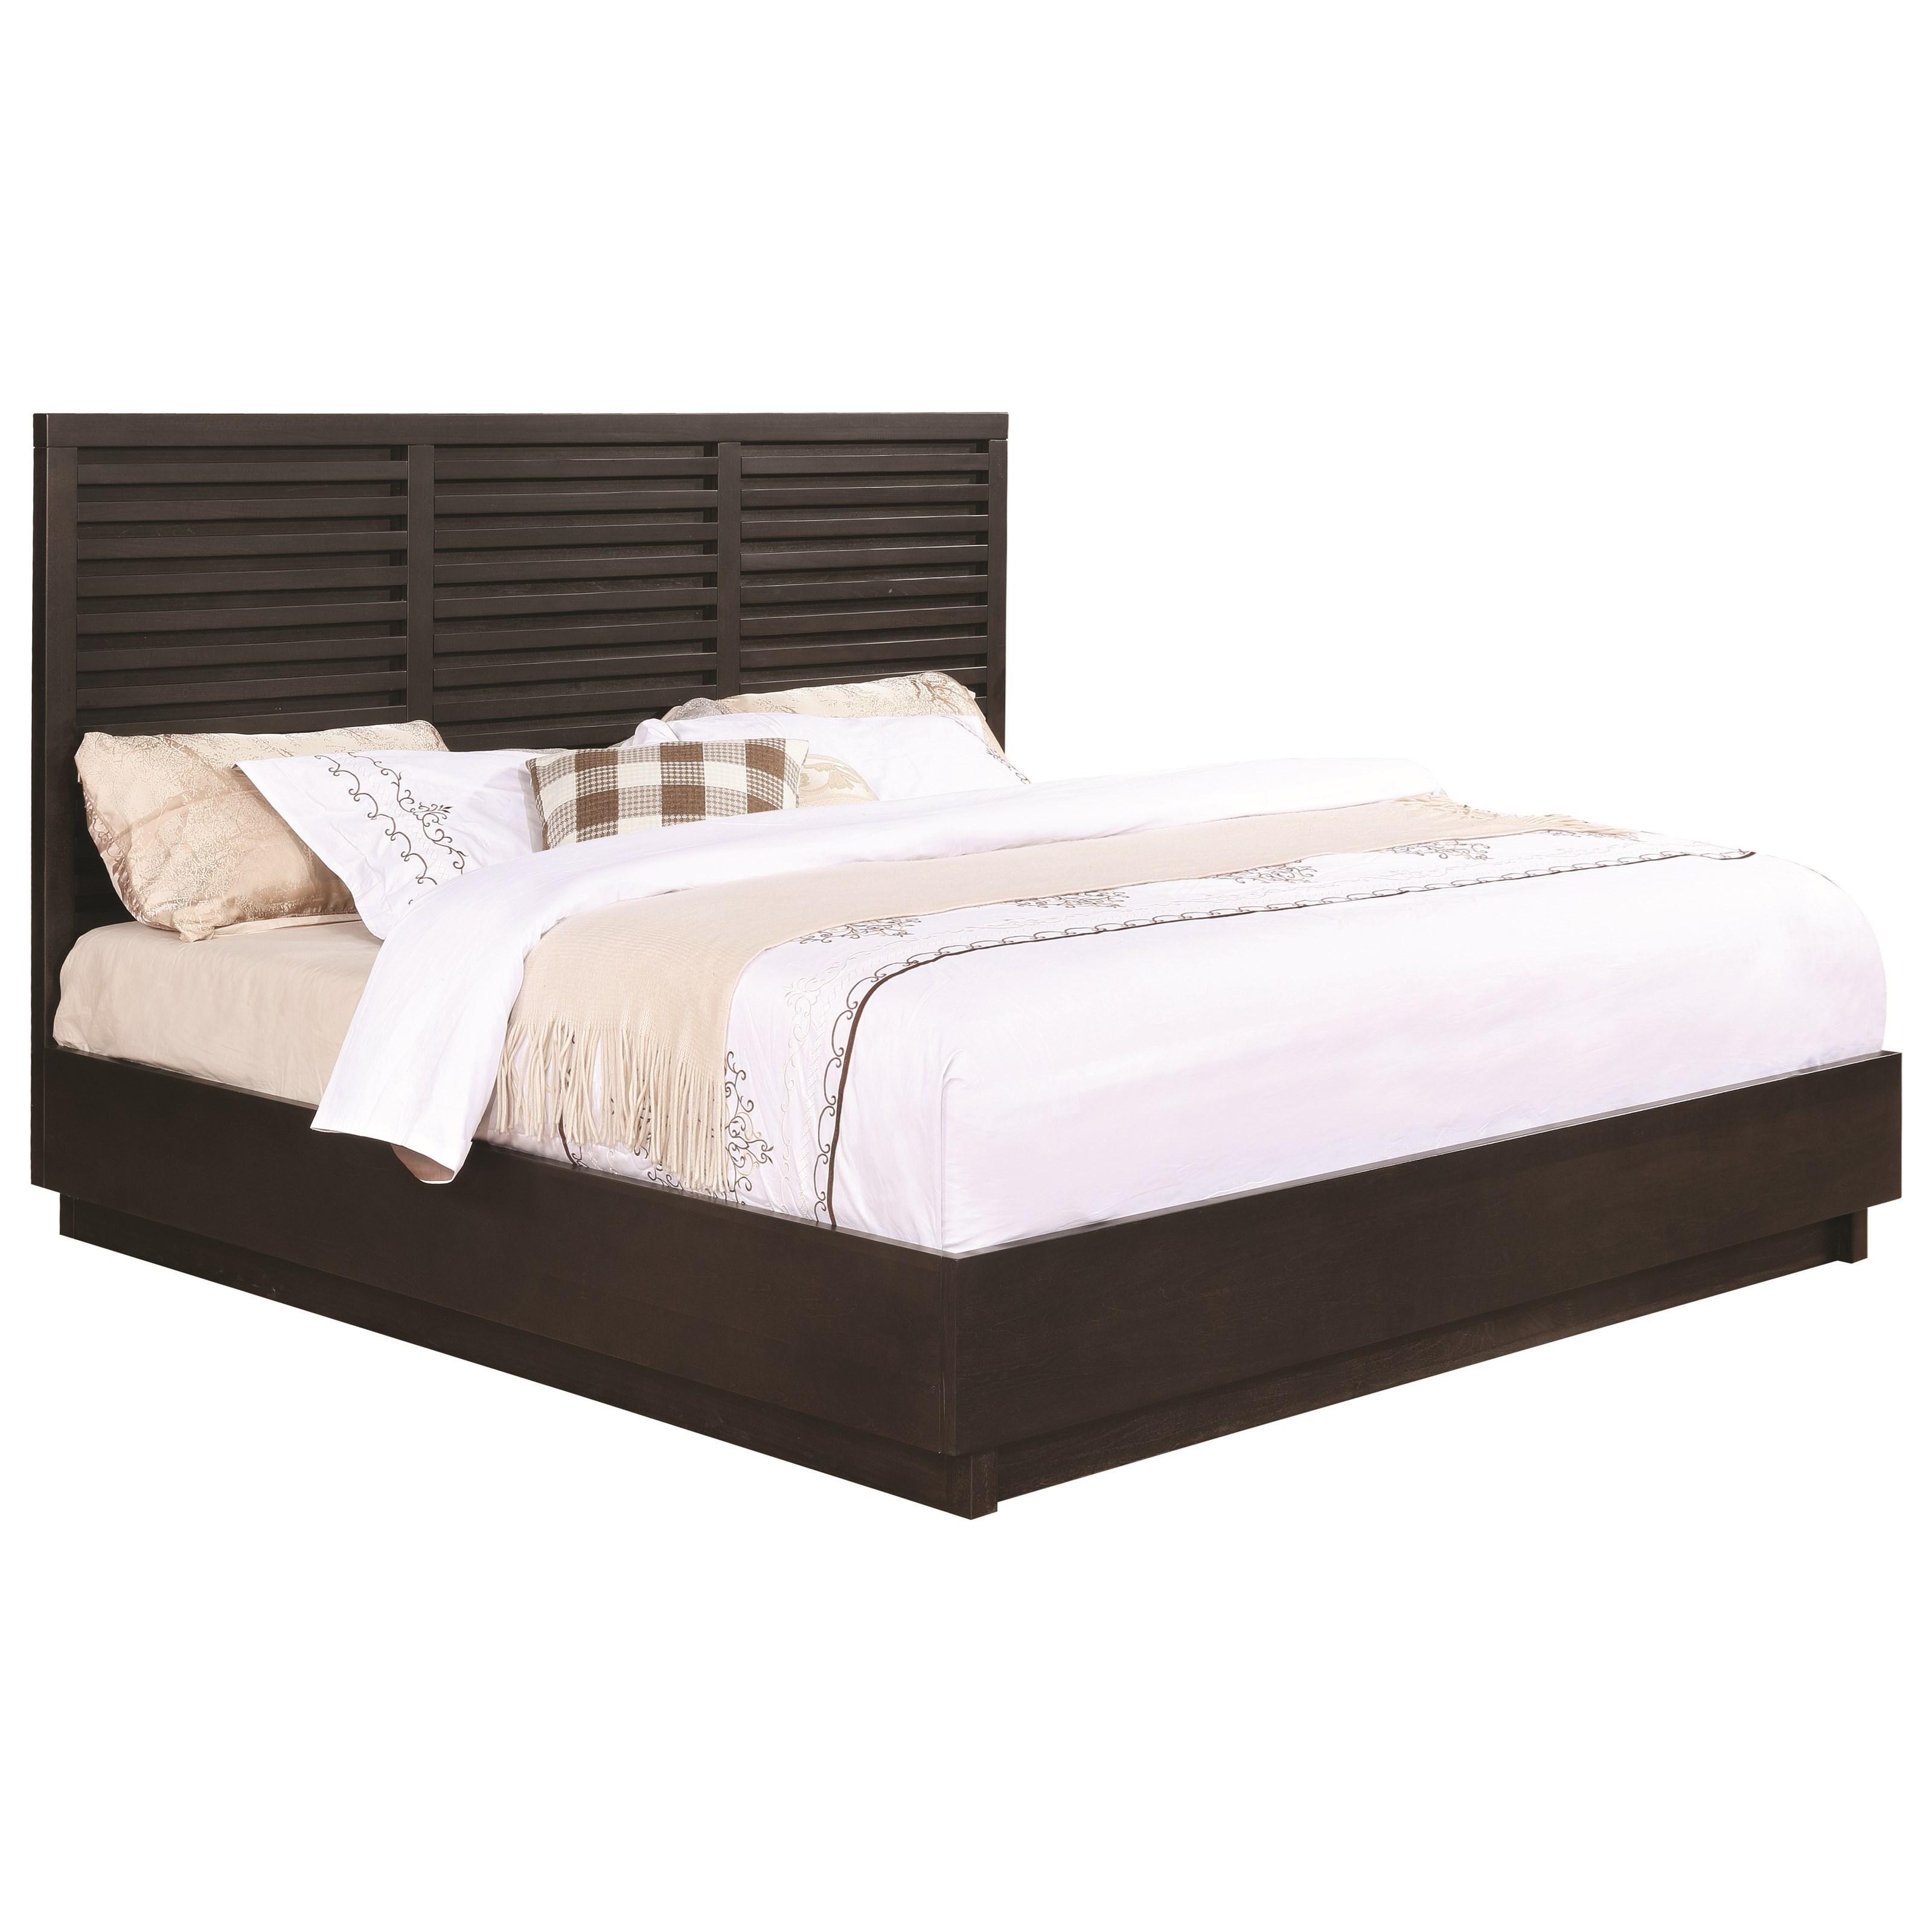 Scott Living MathesonQueen Bed